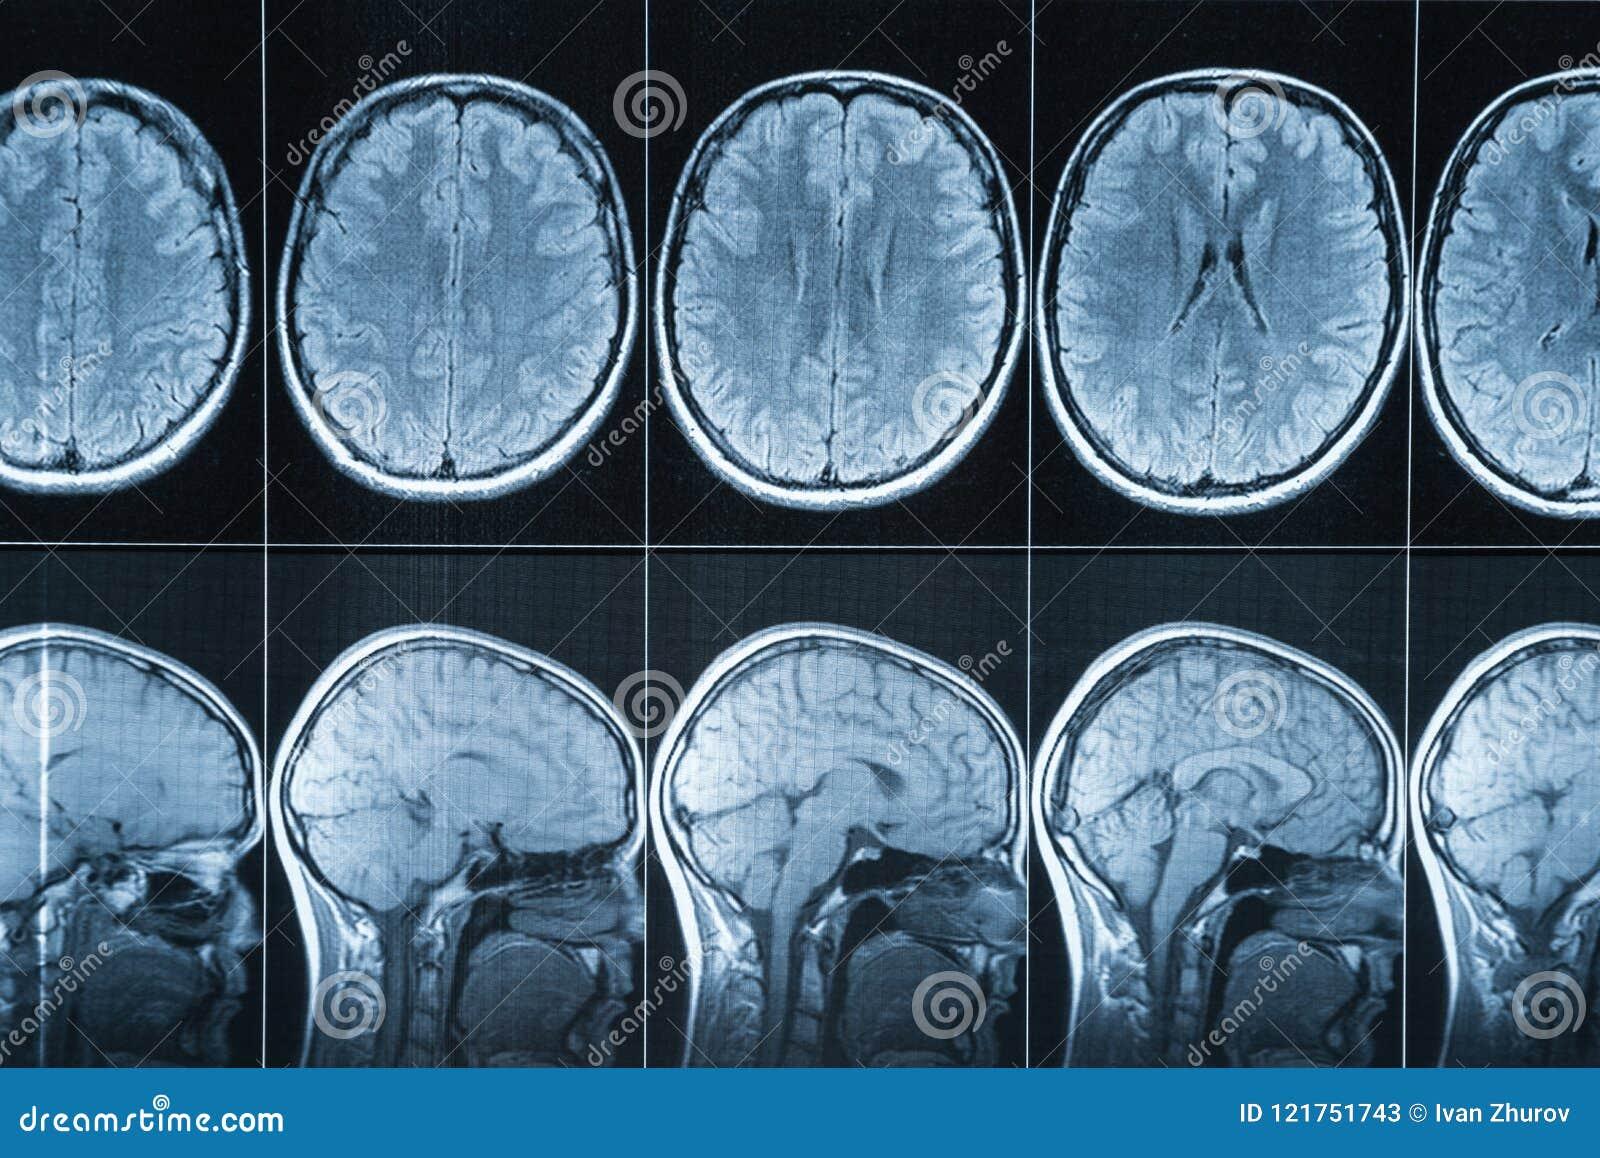 Kopiering för magnetisk resonans av huvudet, MRI